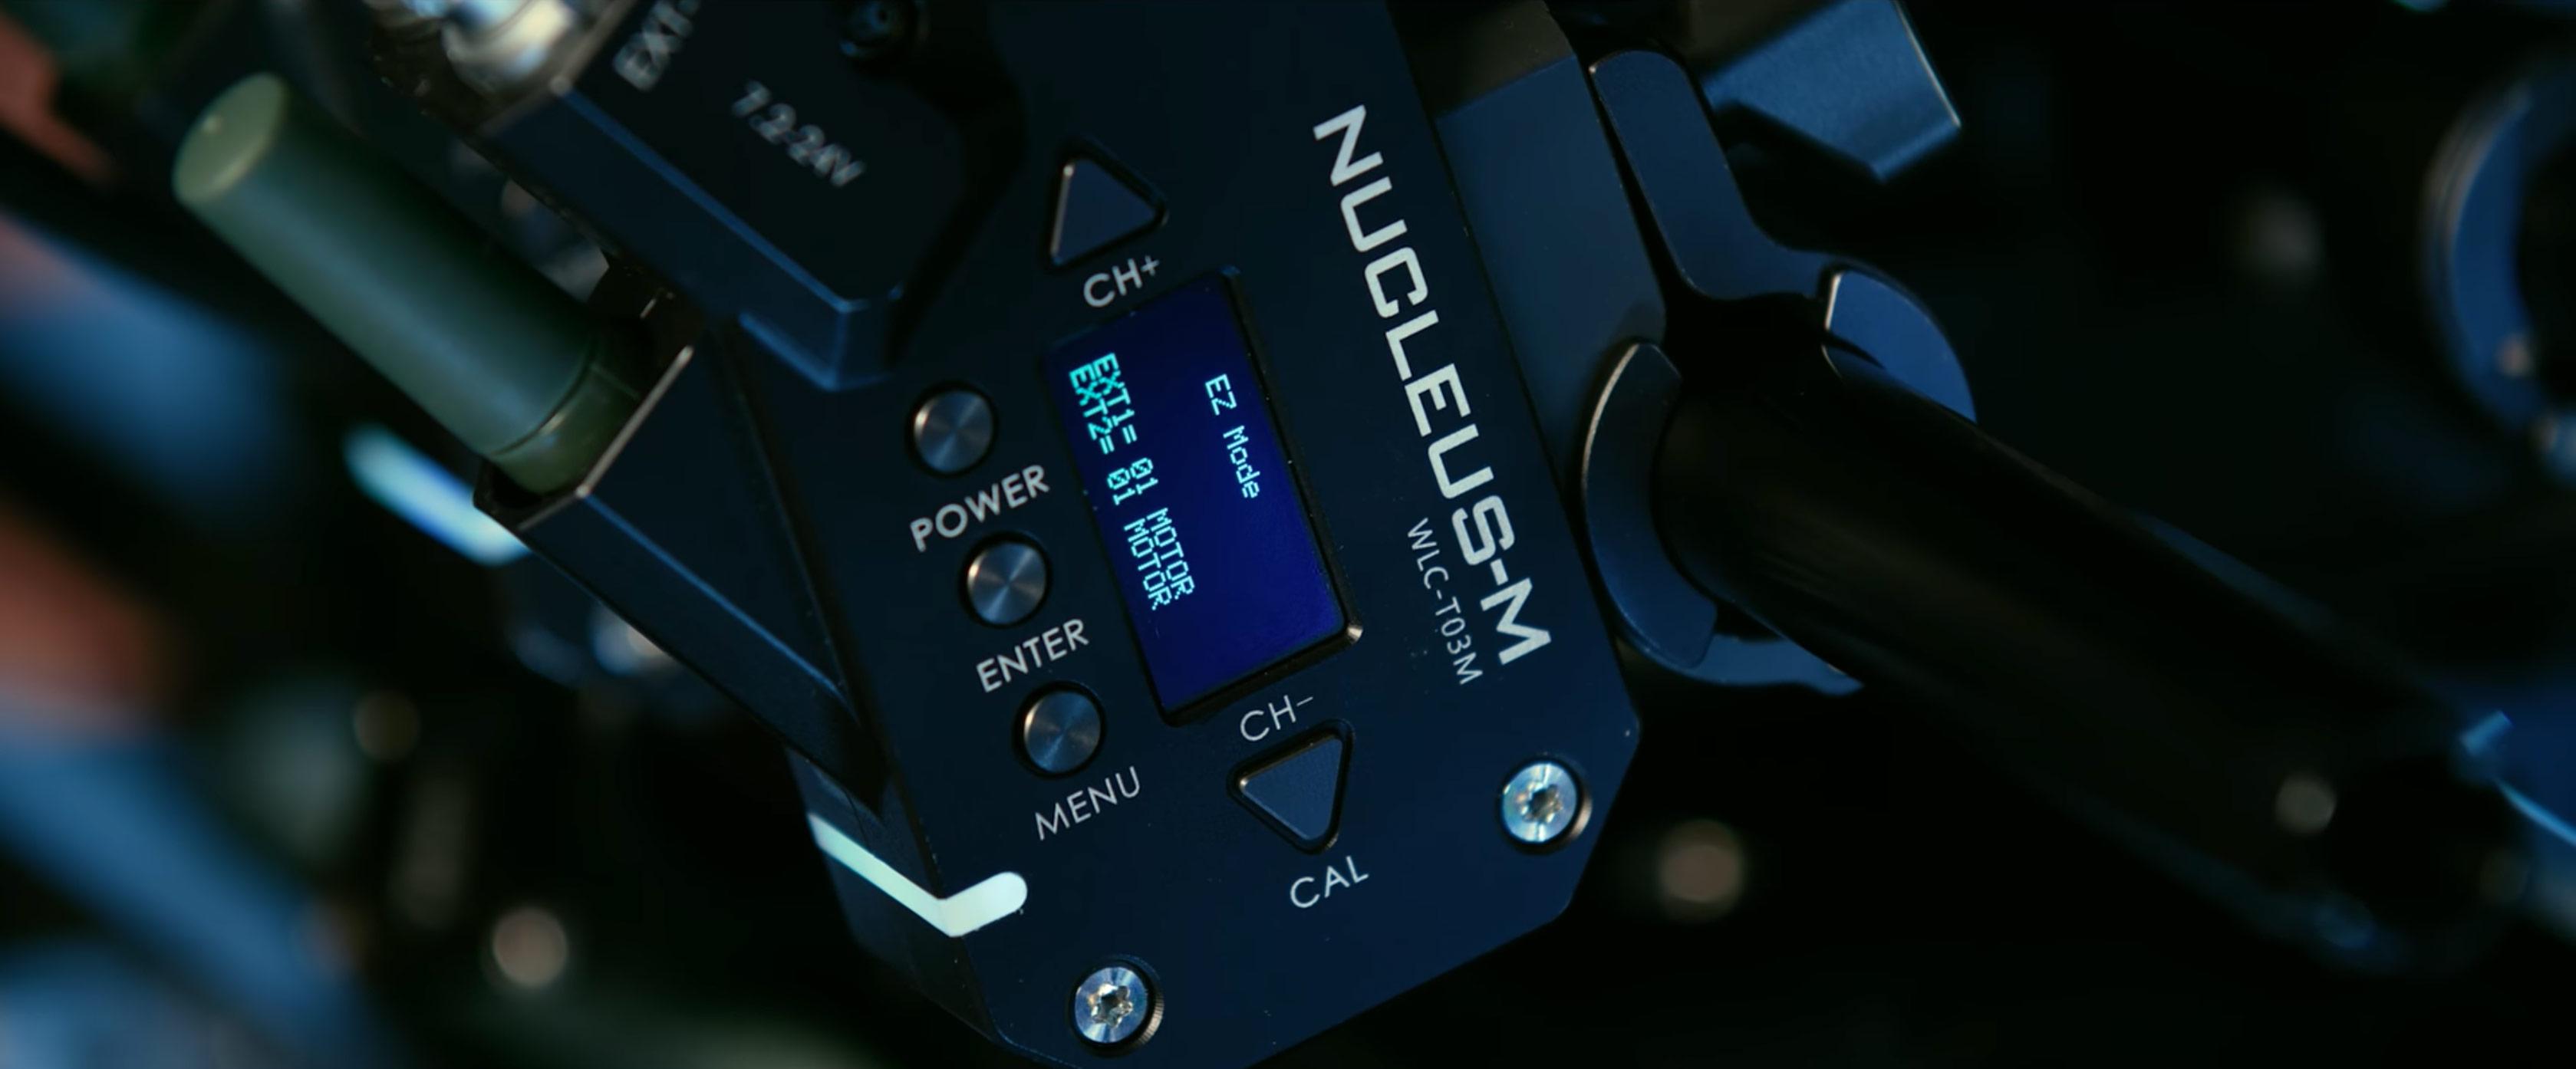 Tiltamax Nucleus-M Firmware Update 18 03 19 3 | Tilta